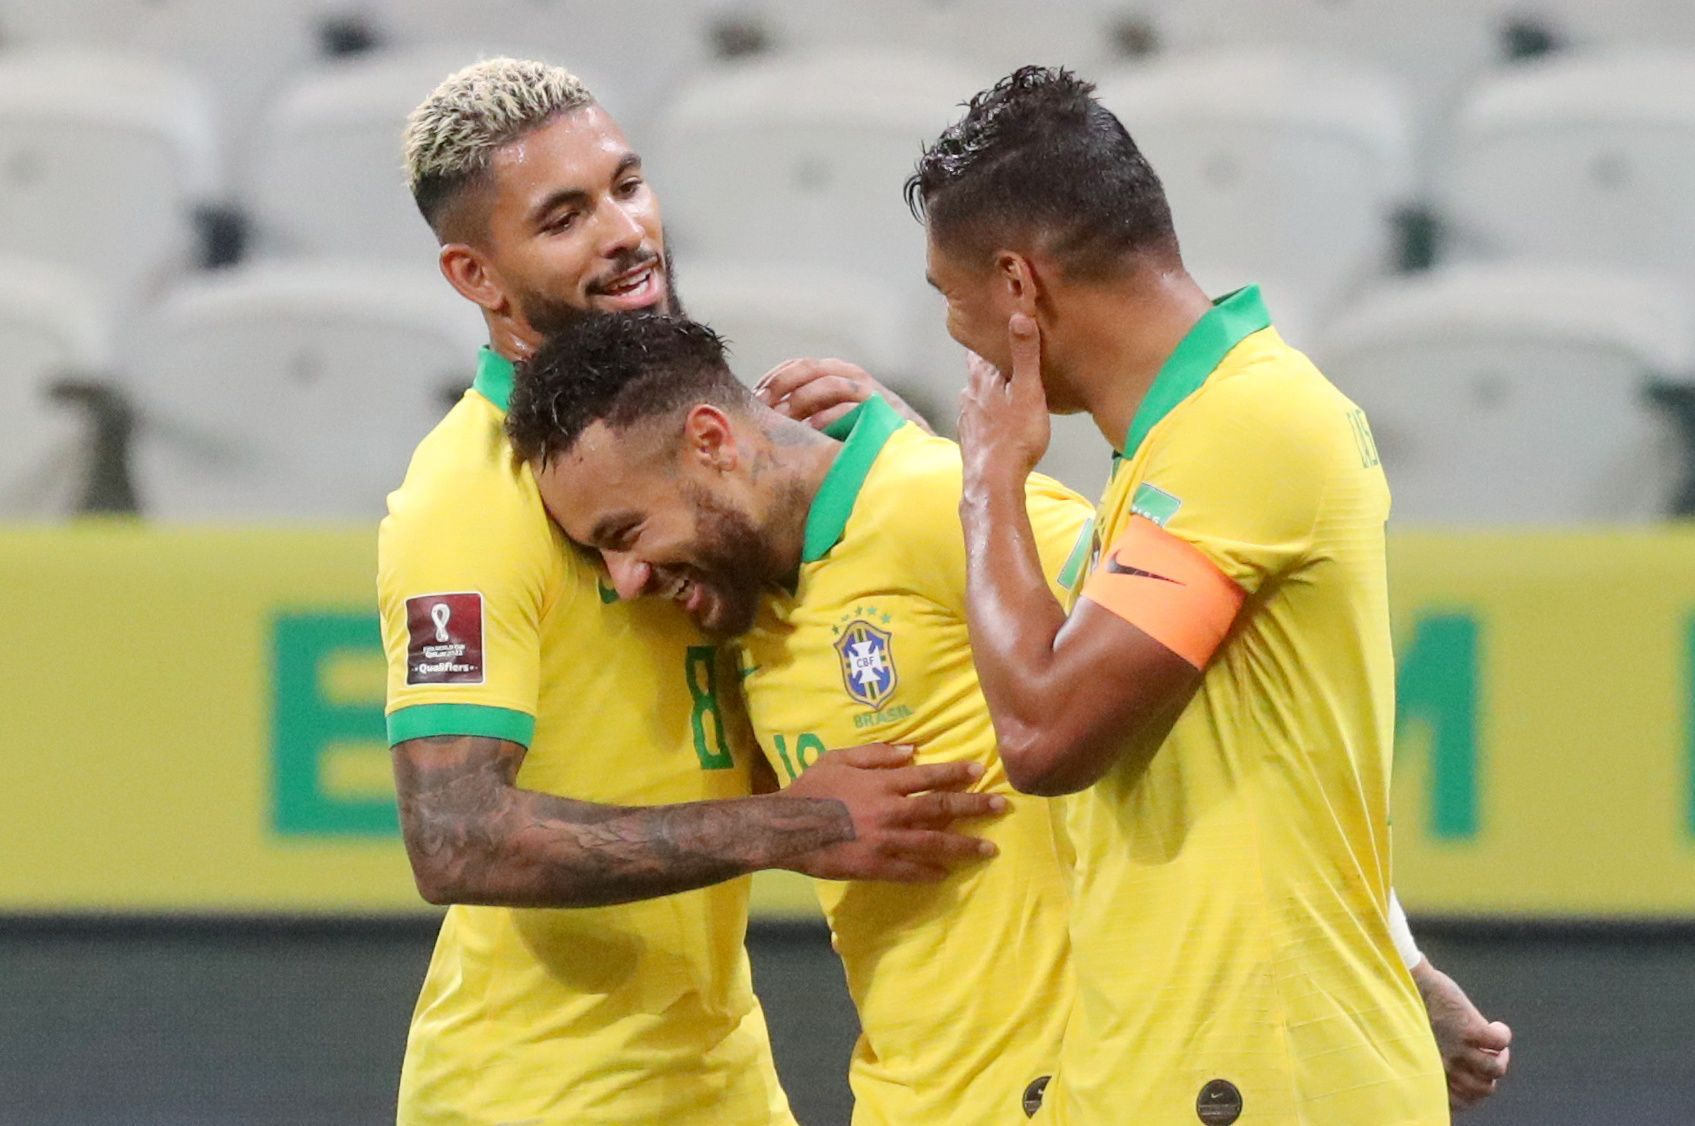 Neymar busca convertirse en el segundo máximo goleador histórico de la Selección de Brasil (REUTERS/Amanda Perobelli/Pool)